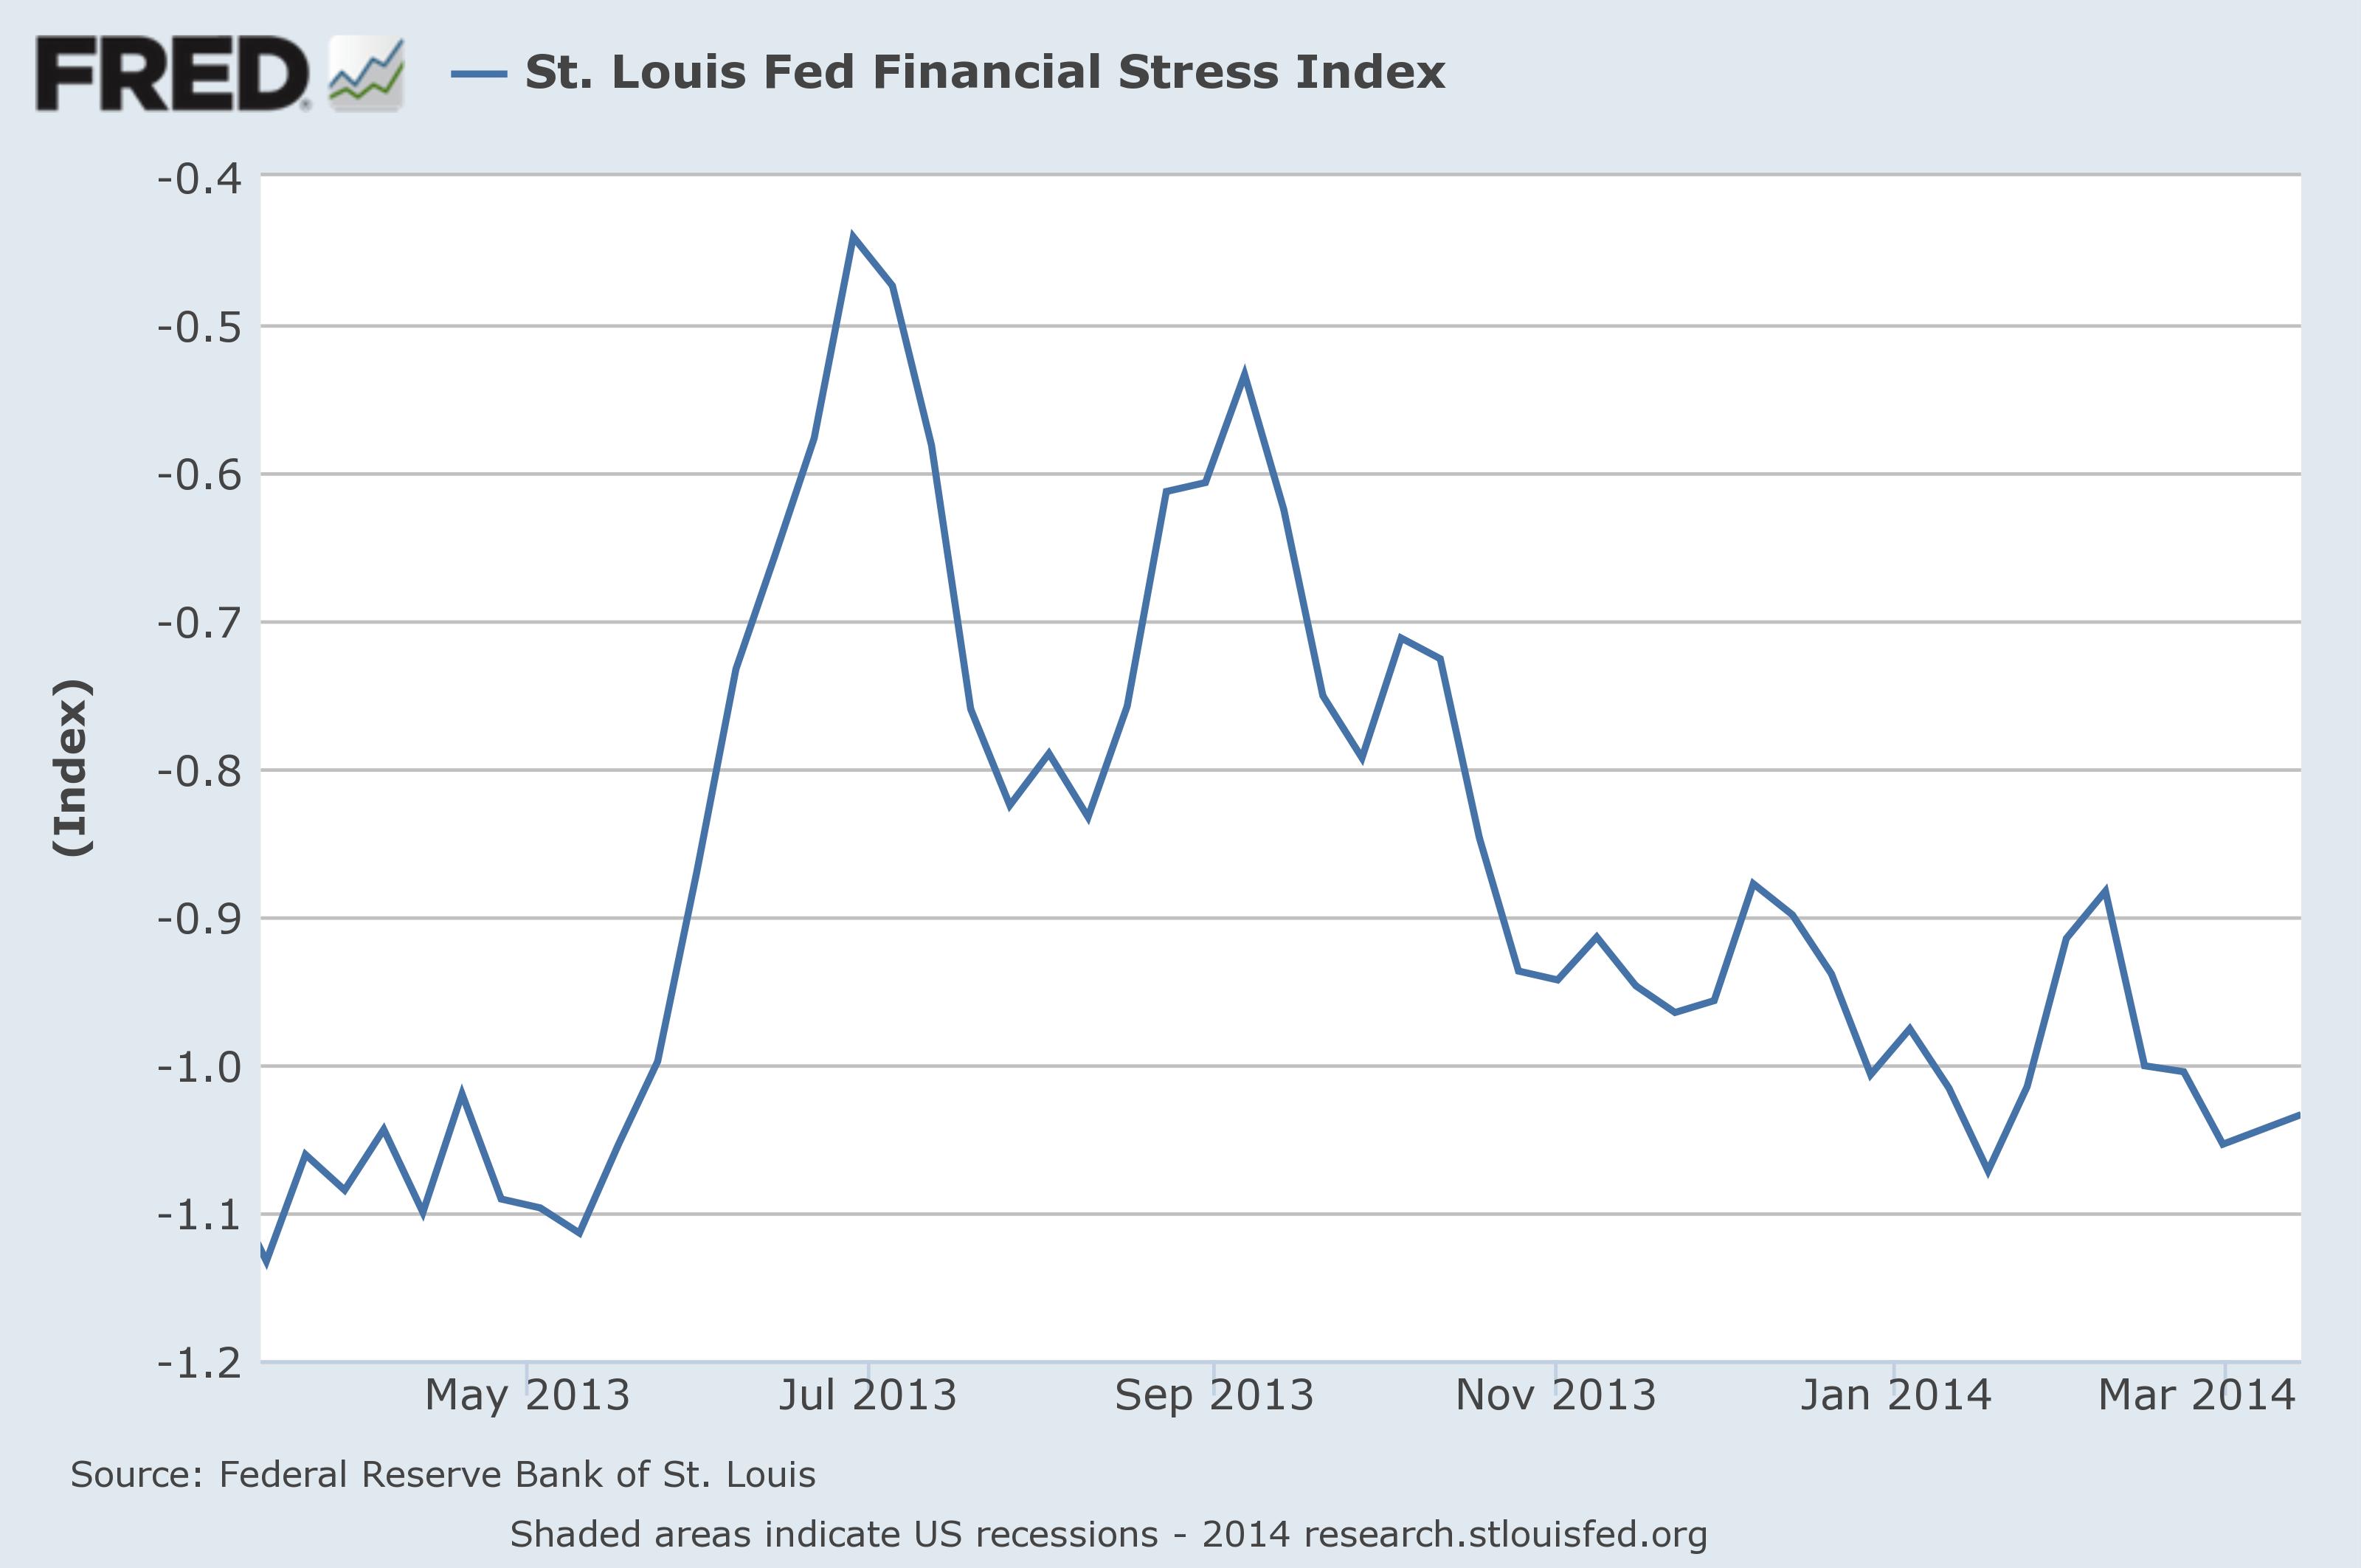 STLFSI chart 1-year